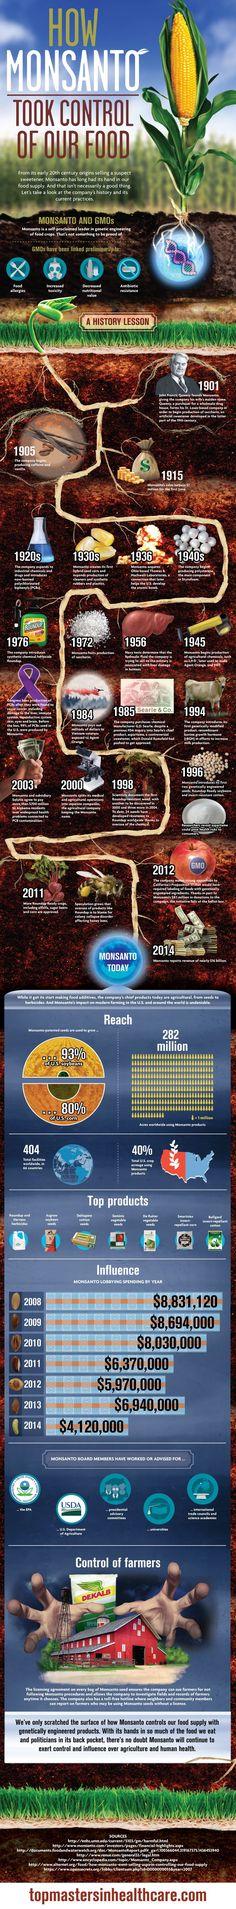 How Monsanto Took Over Our Food http://www.ebay.com/itm/ORMUS-Brain-Energy-Nootropics-/221956965986?